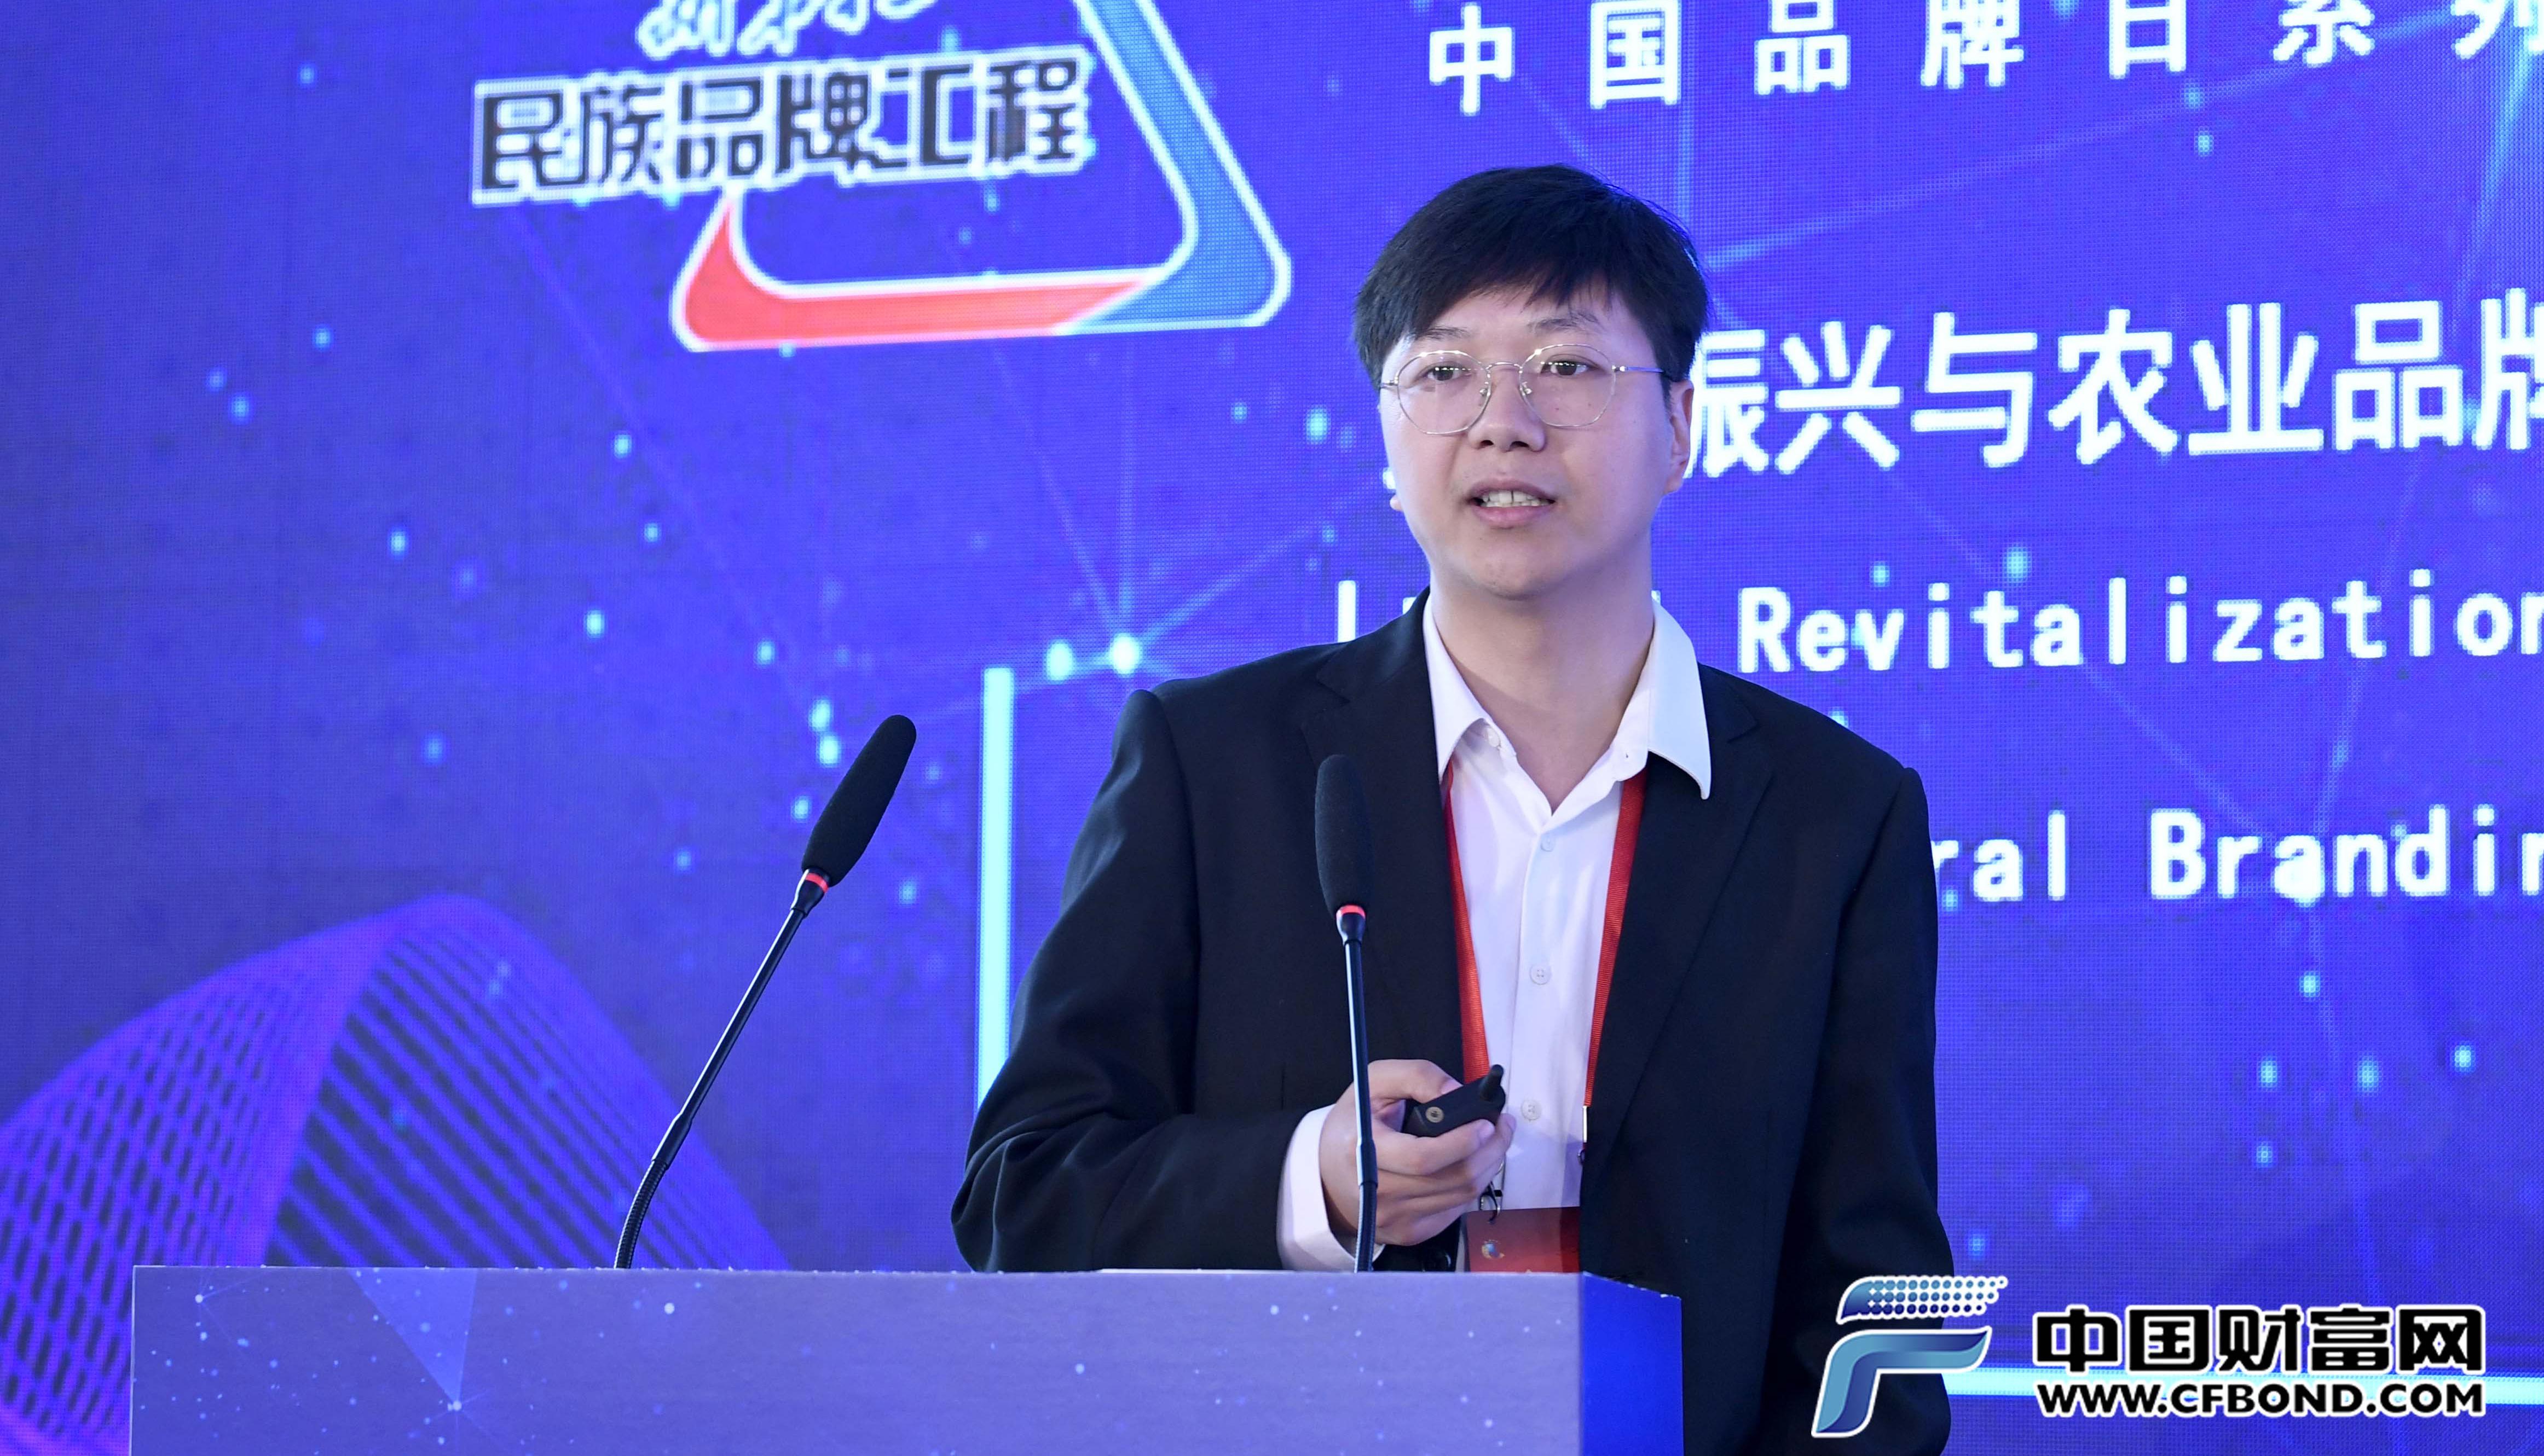 京东科技集团数字城市群高级总监严荣锋发表主题演讲